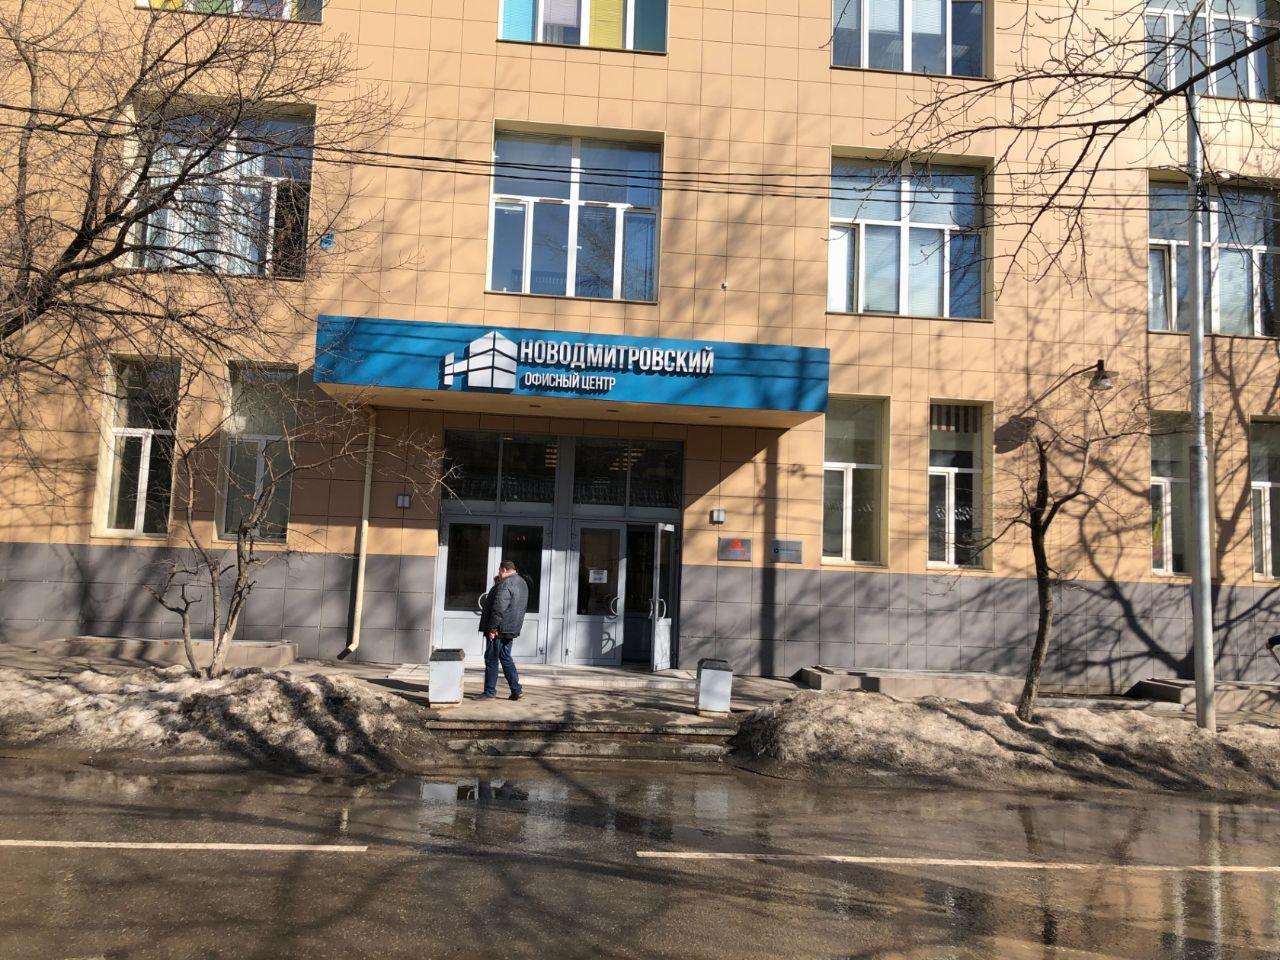 продажа помещений в БЦ Новодмитровский